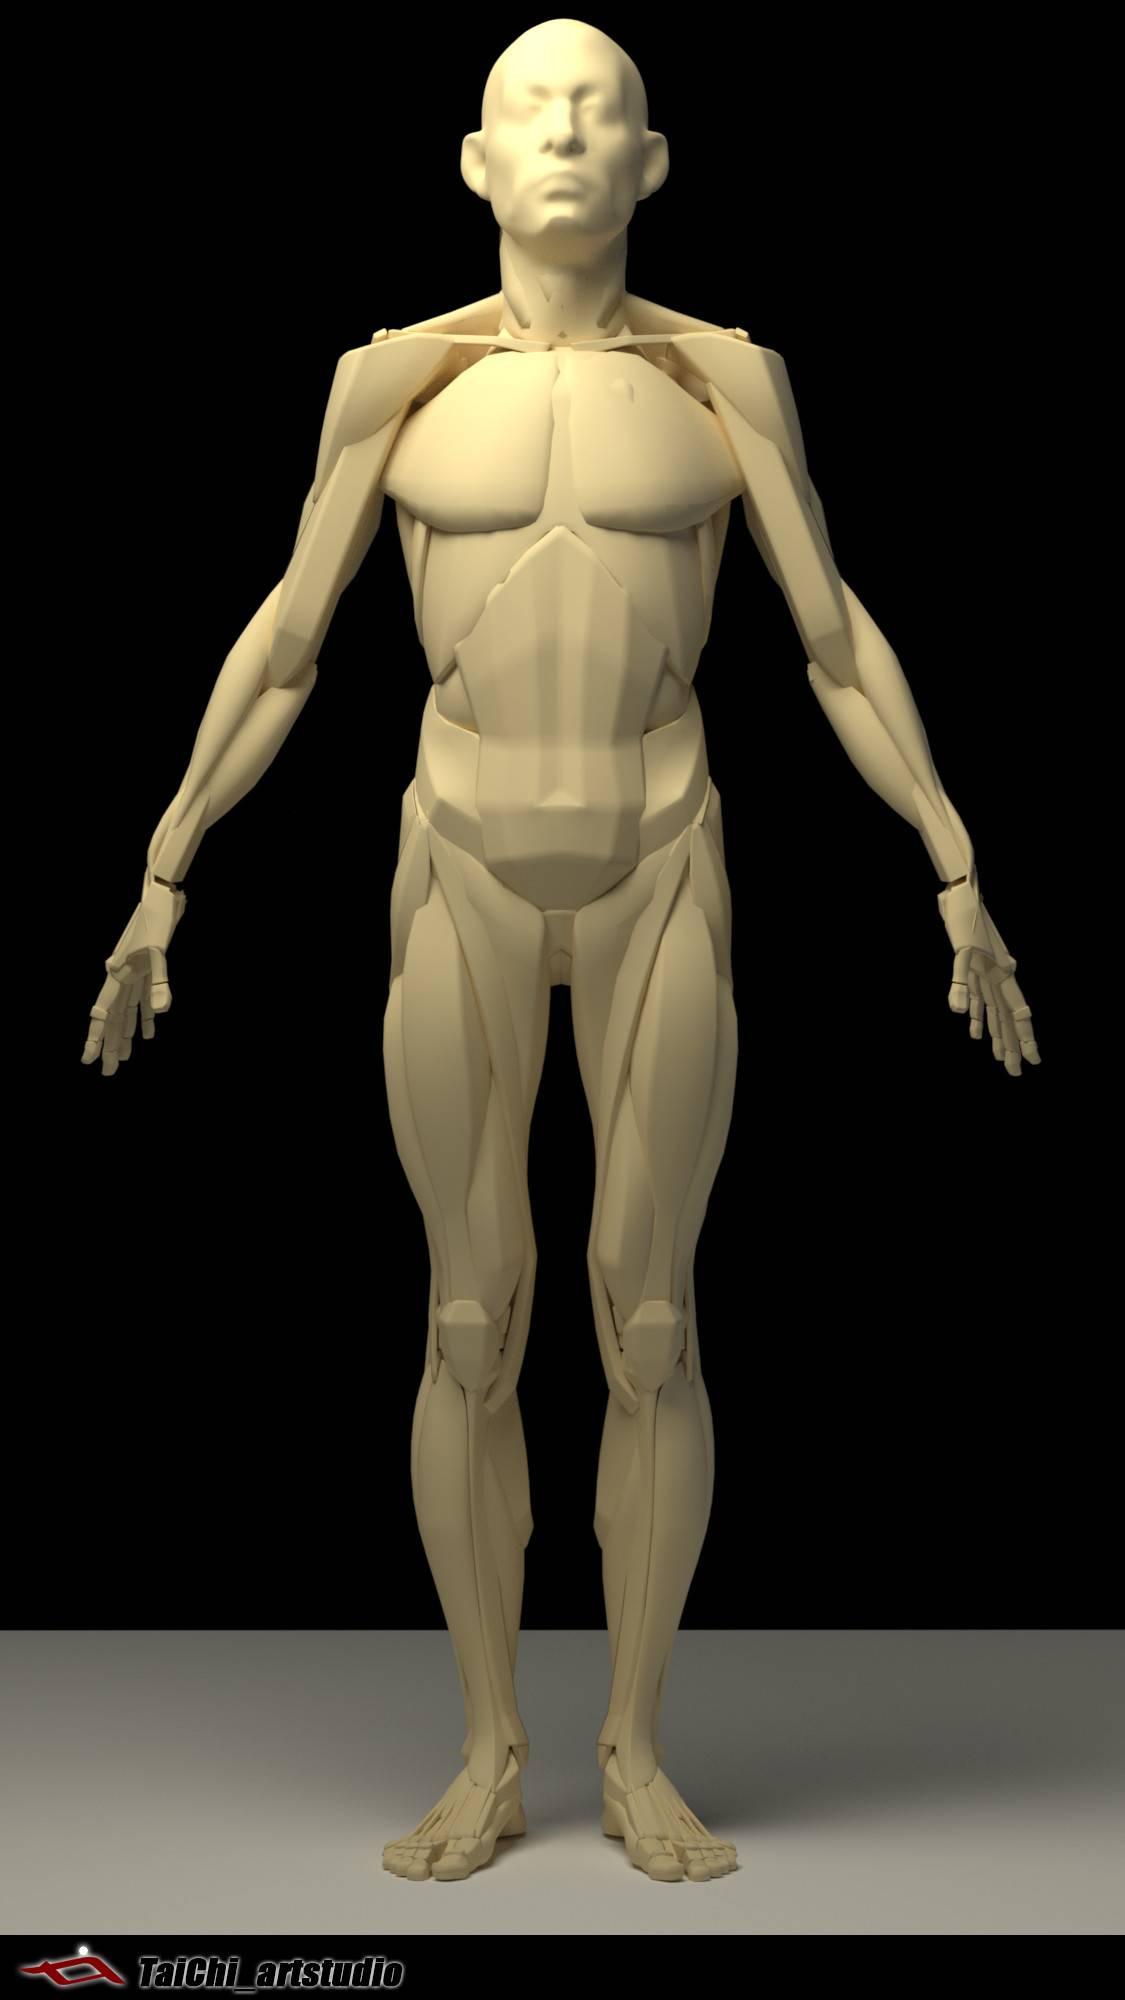 非常不错的人体分面图,美术练习的好东西! - R 站 学习使我快乐! - 15